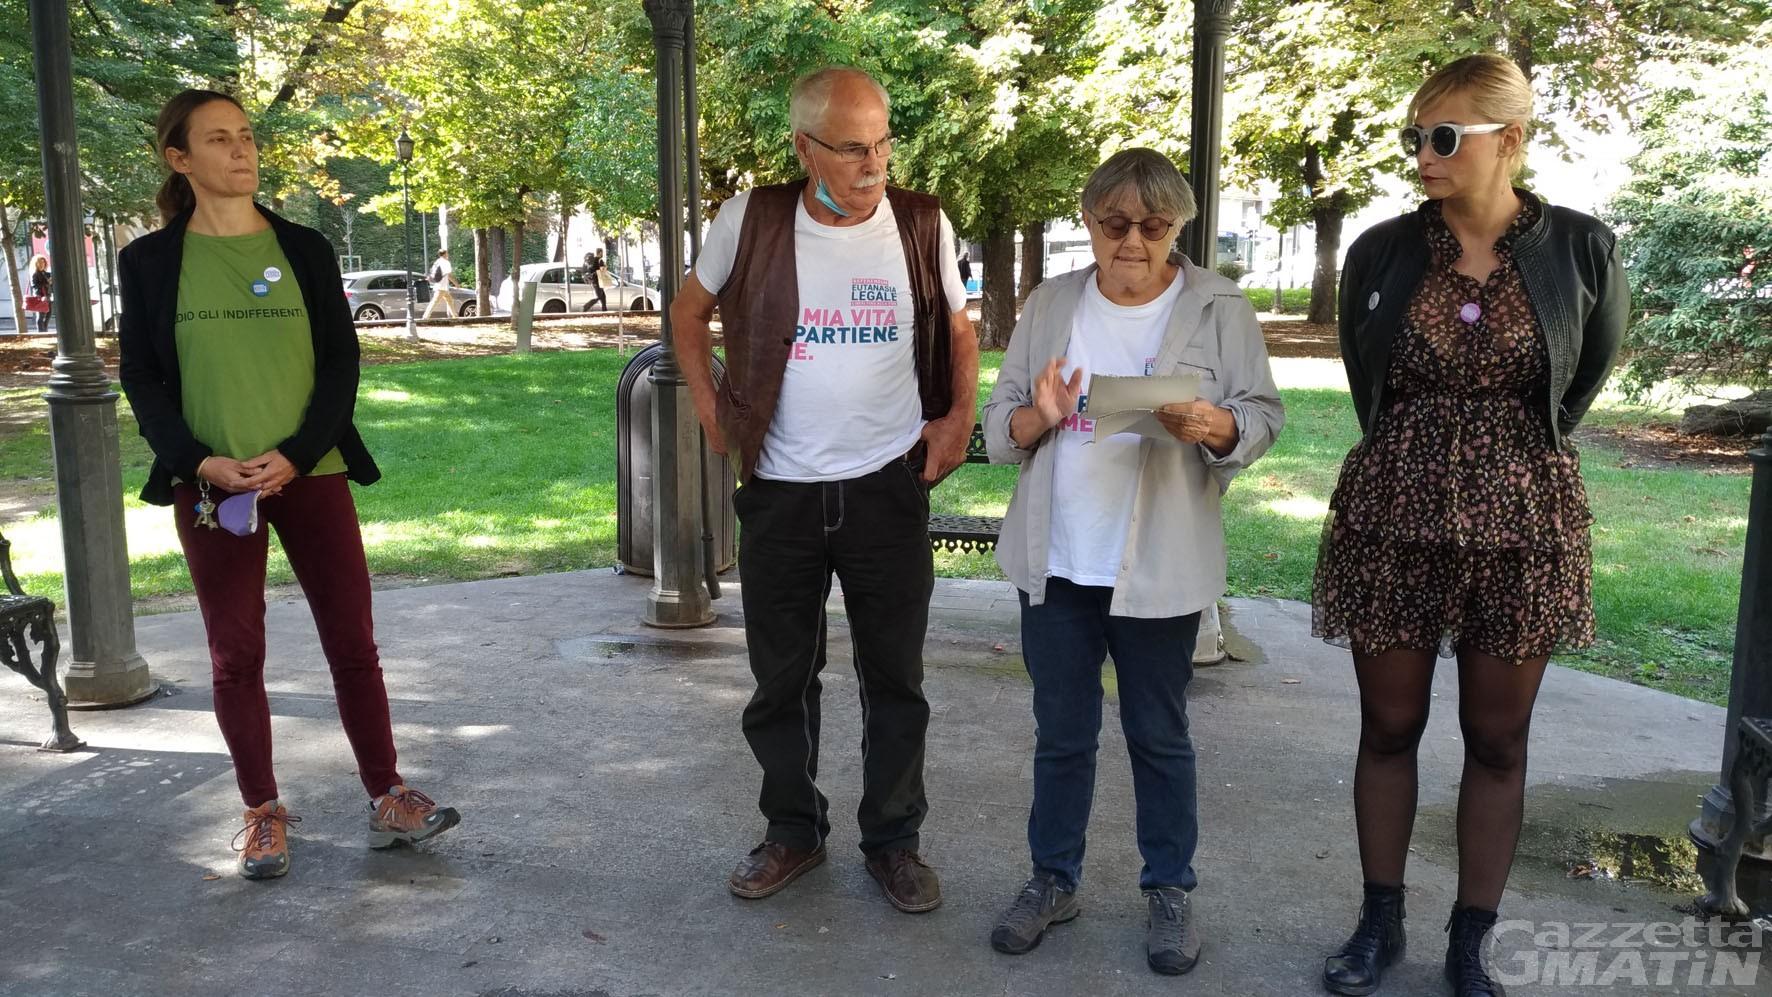 Eutanasia legale: in Valle d'Aosta raccolte 7.118 firme